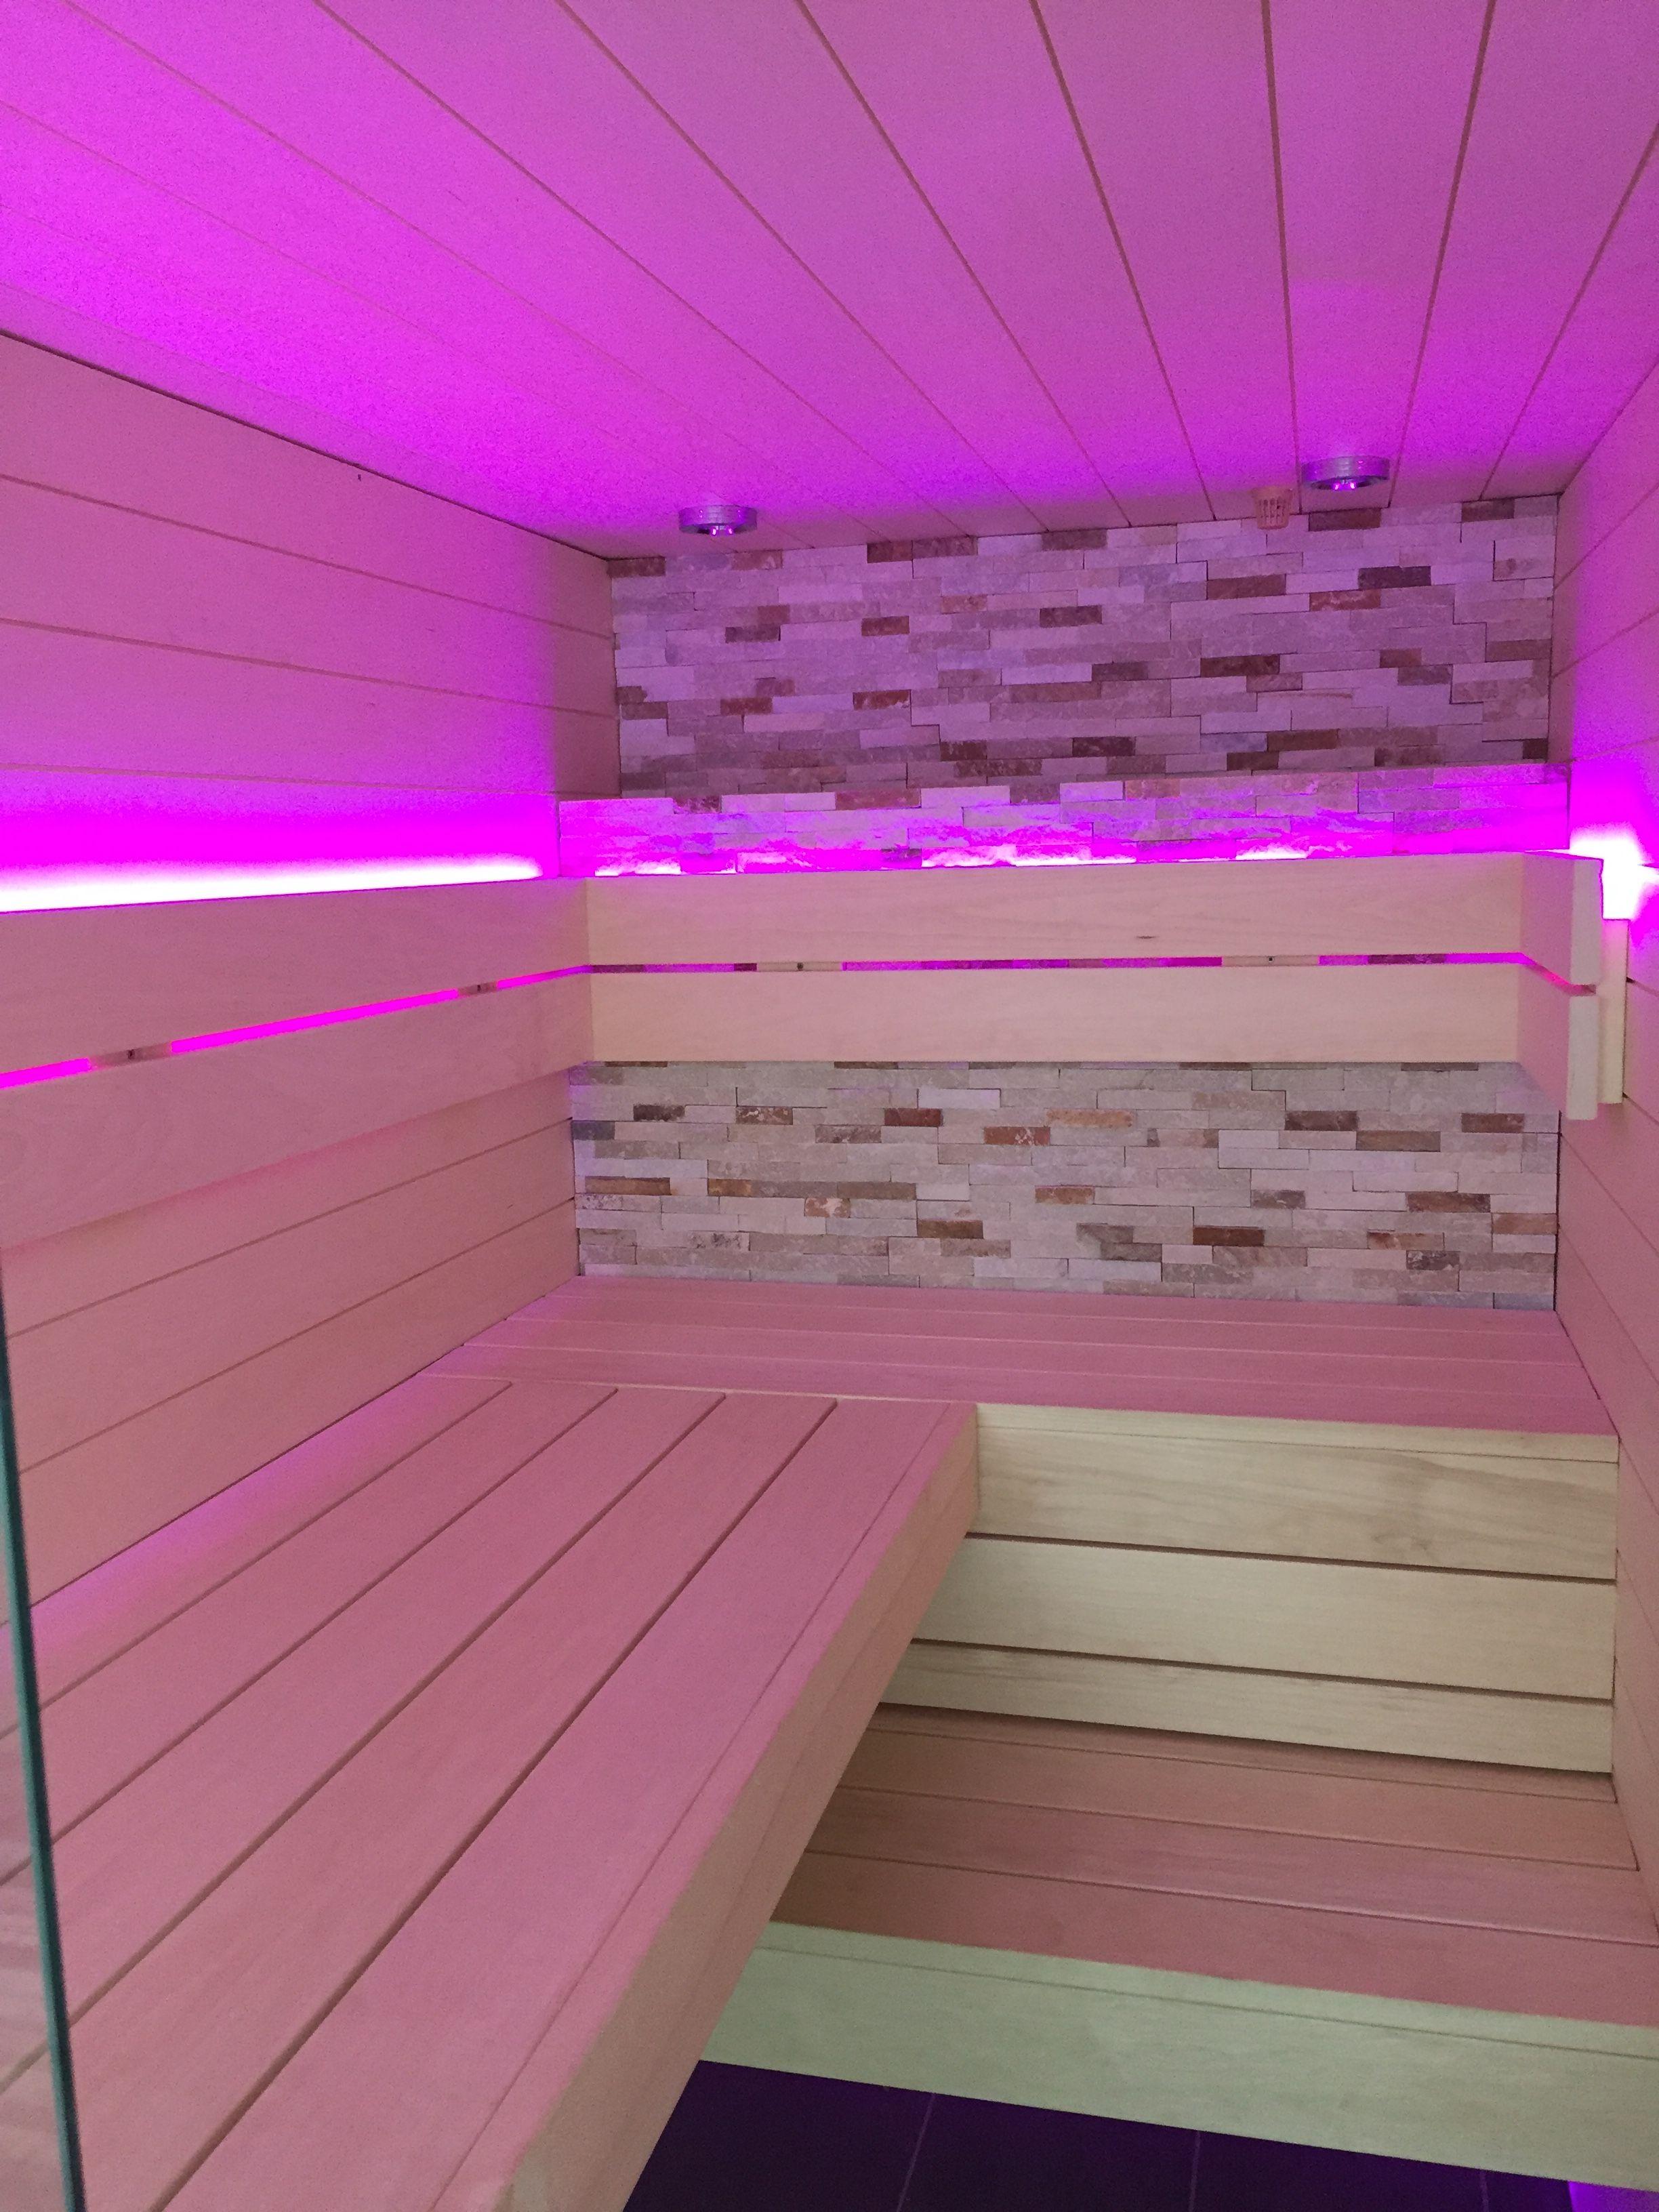 Heimische Sauna Mit Led Beleuchtung Led Beleuchtung Beleuchtung Led